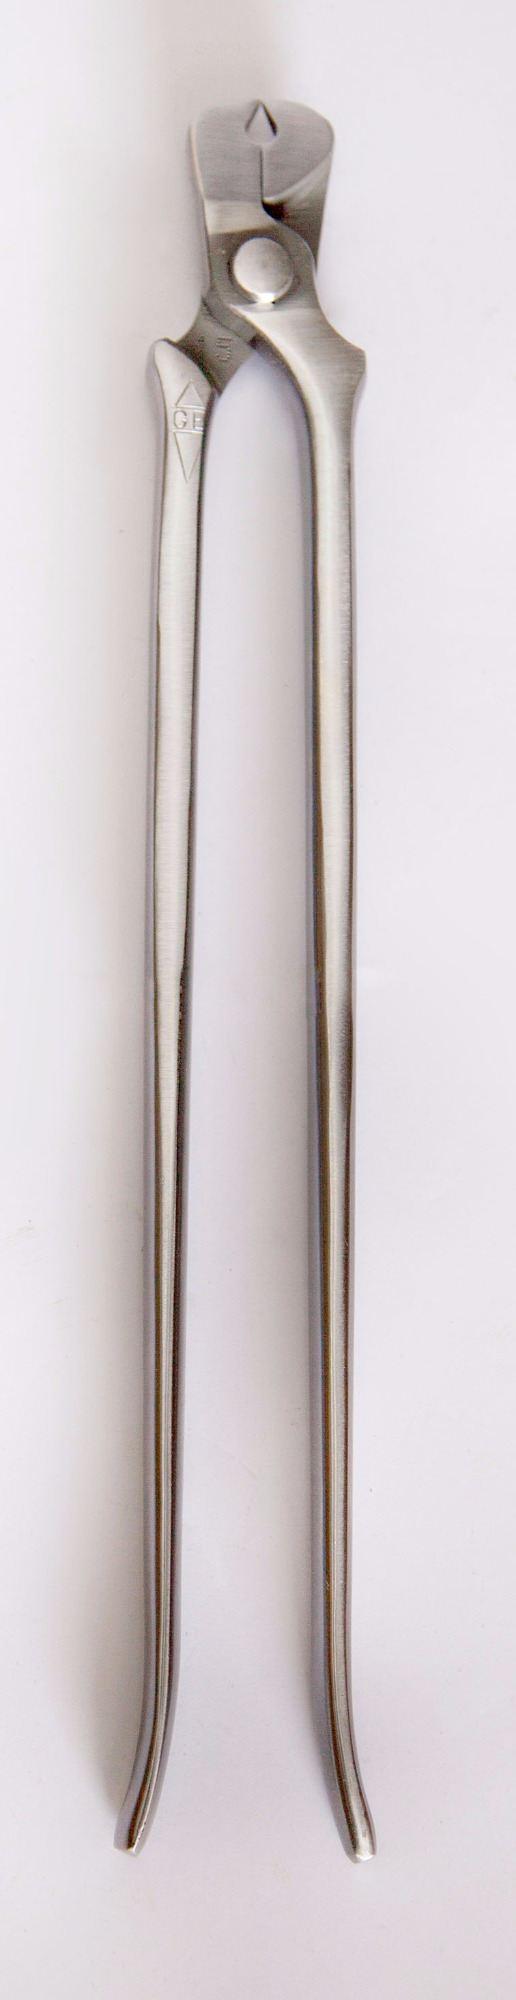 GE Nail Puller